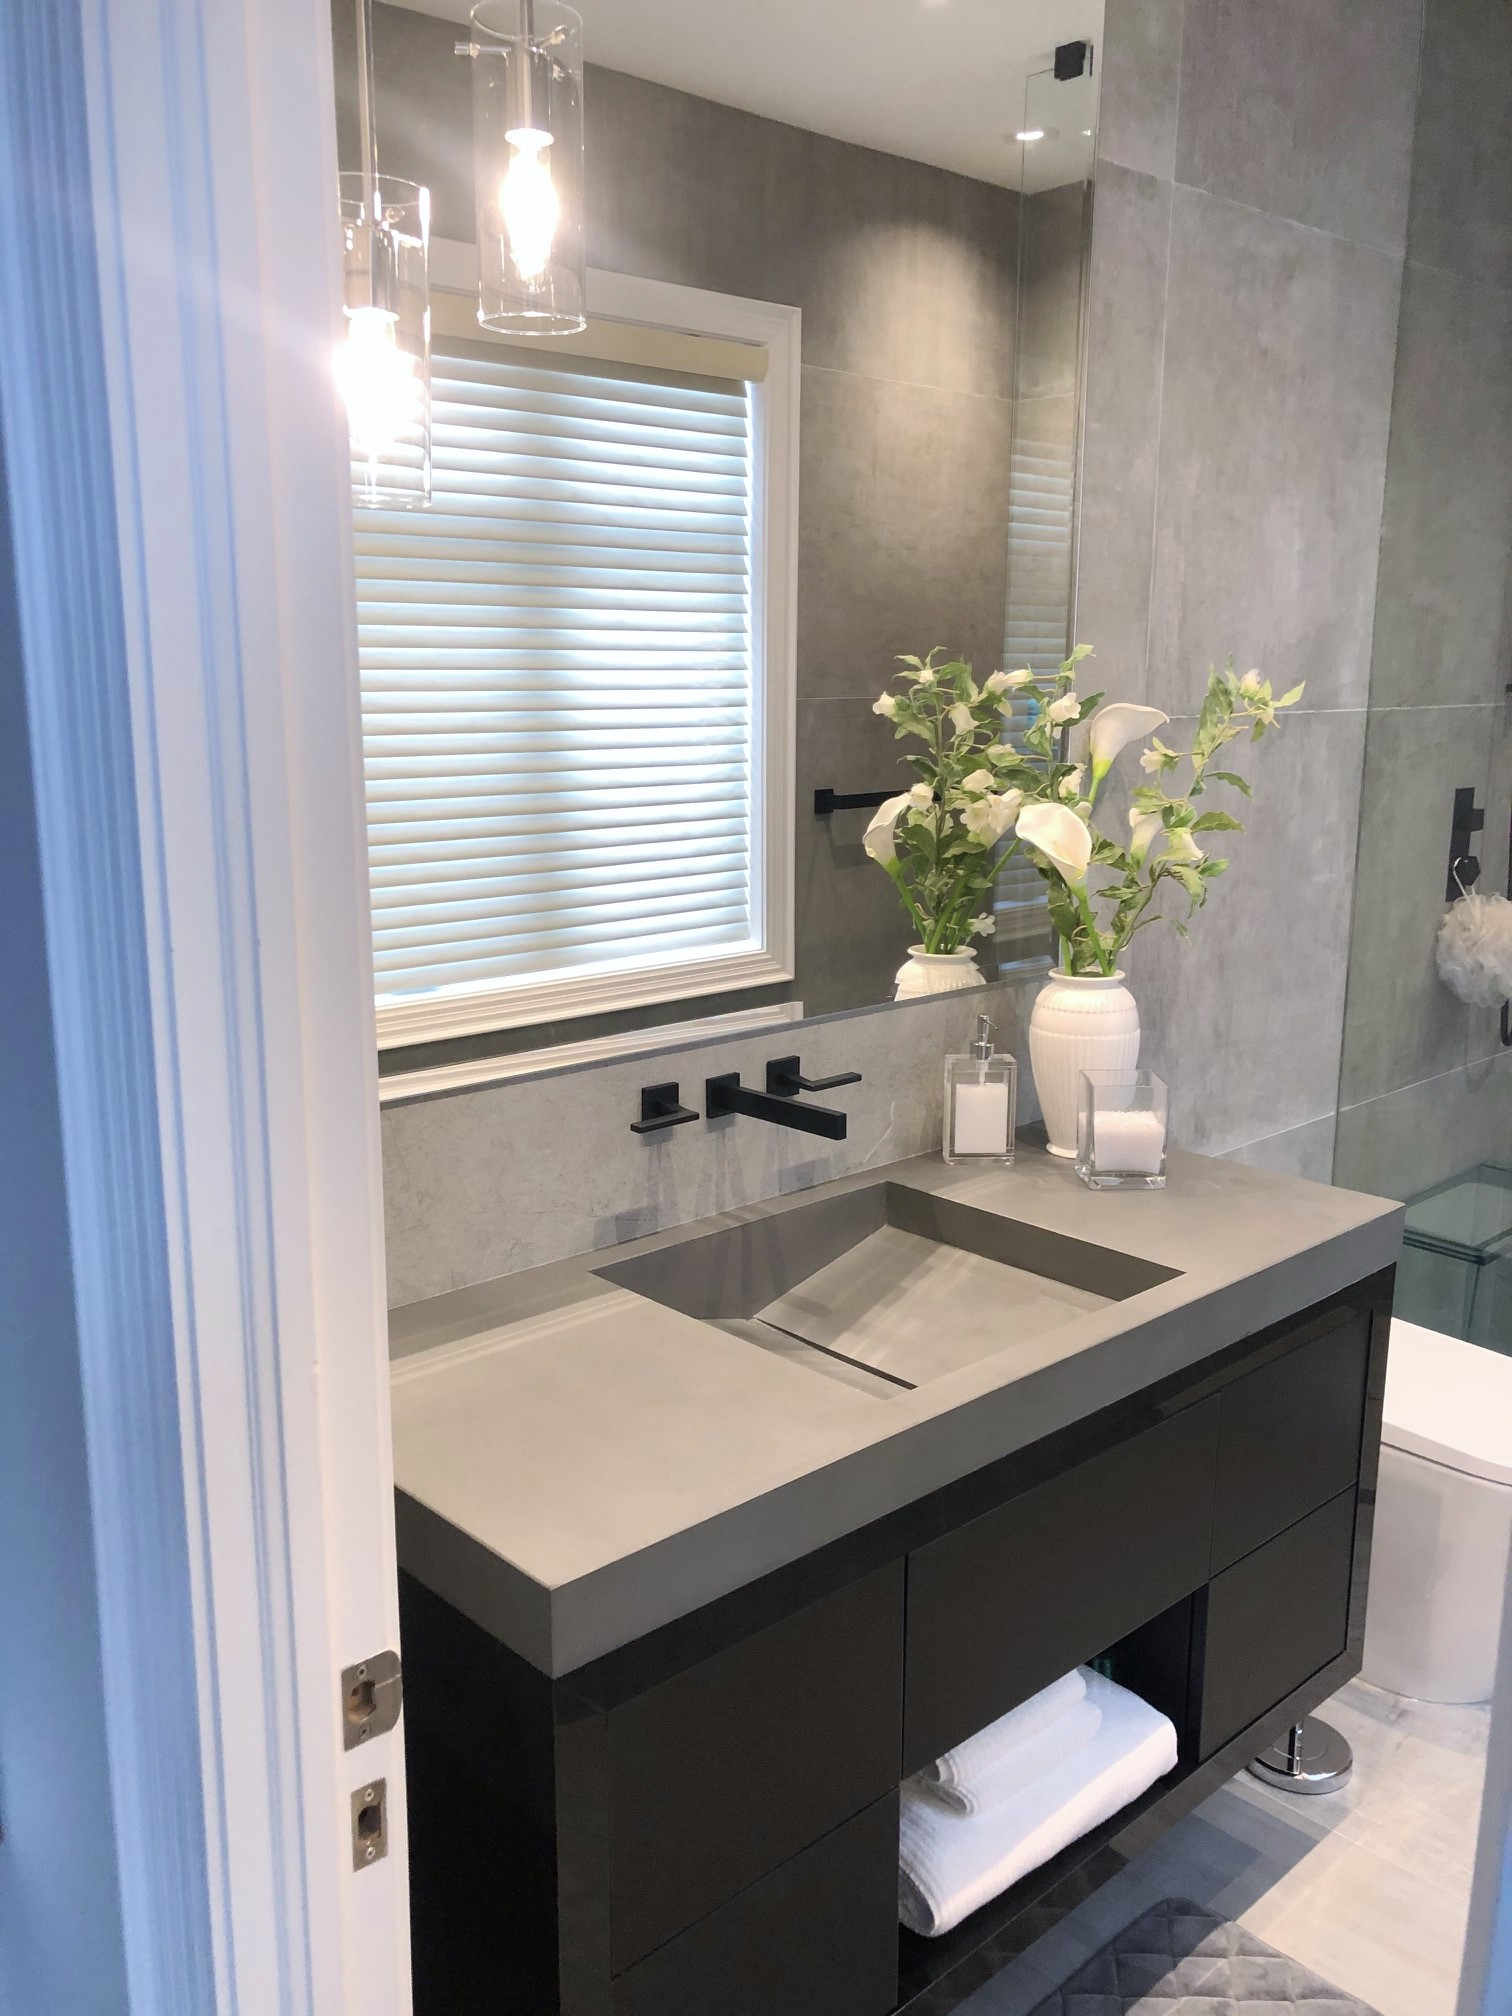 Vanity: Balux Charcoal   Shower, Wall & Floor: StoneOne Dark